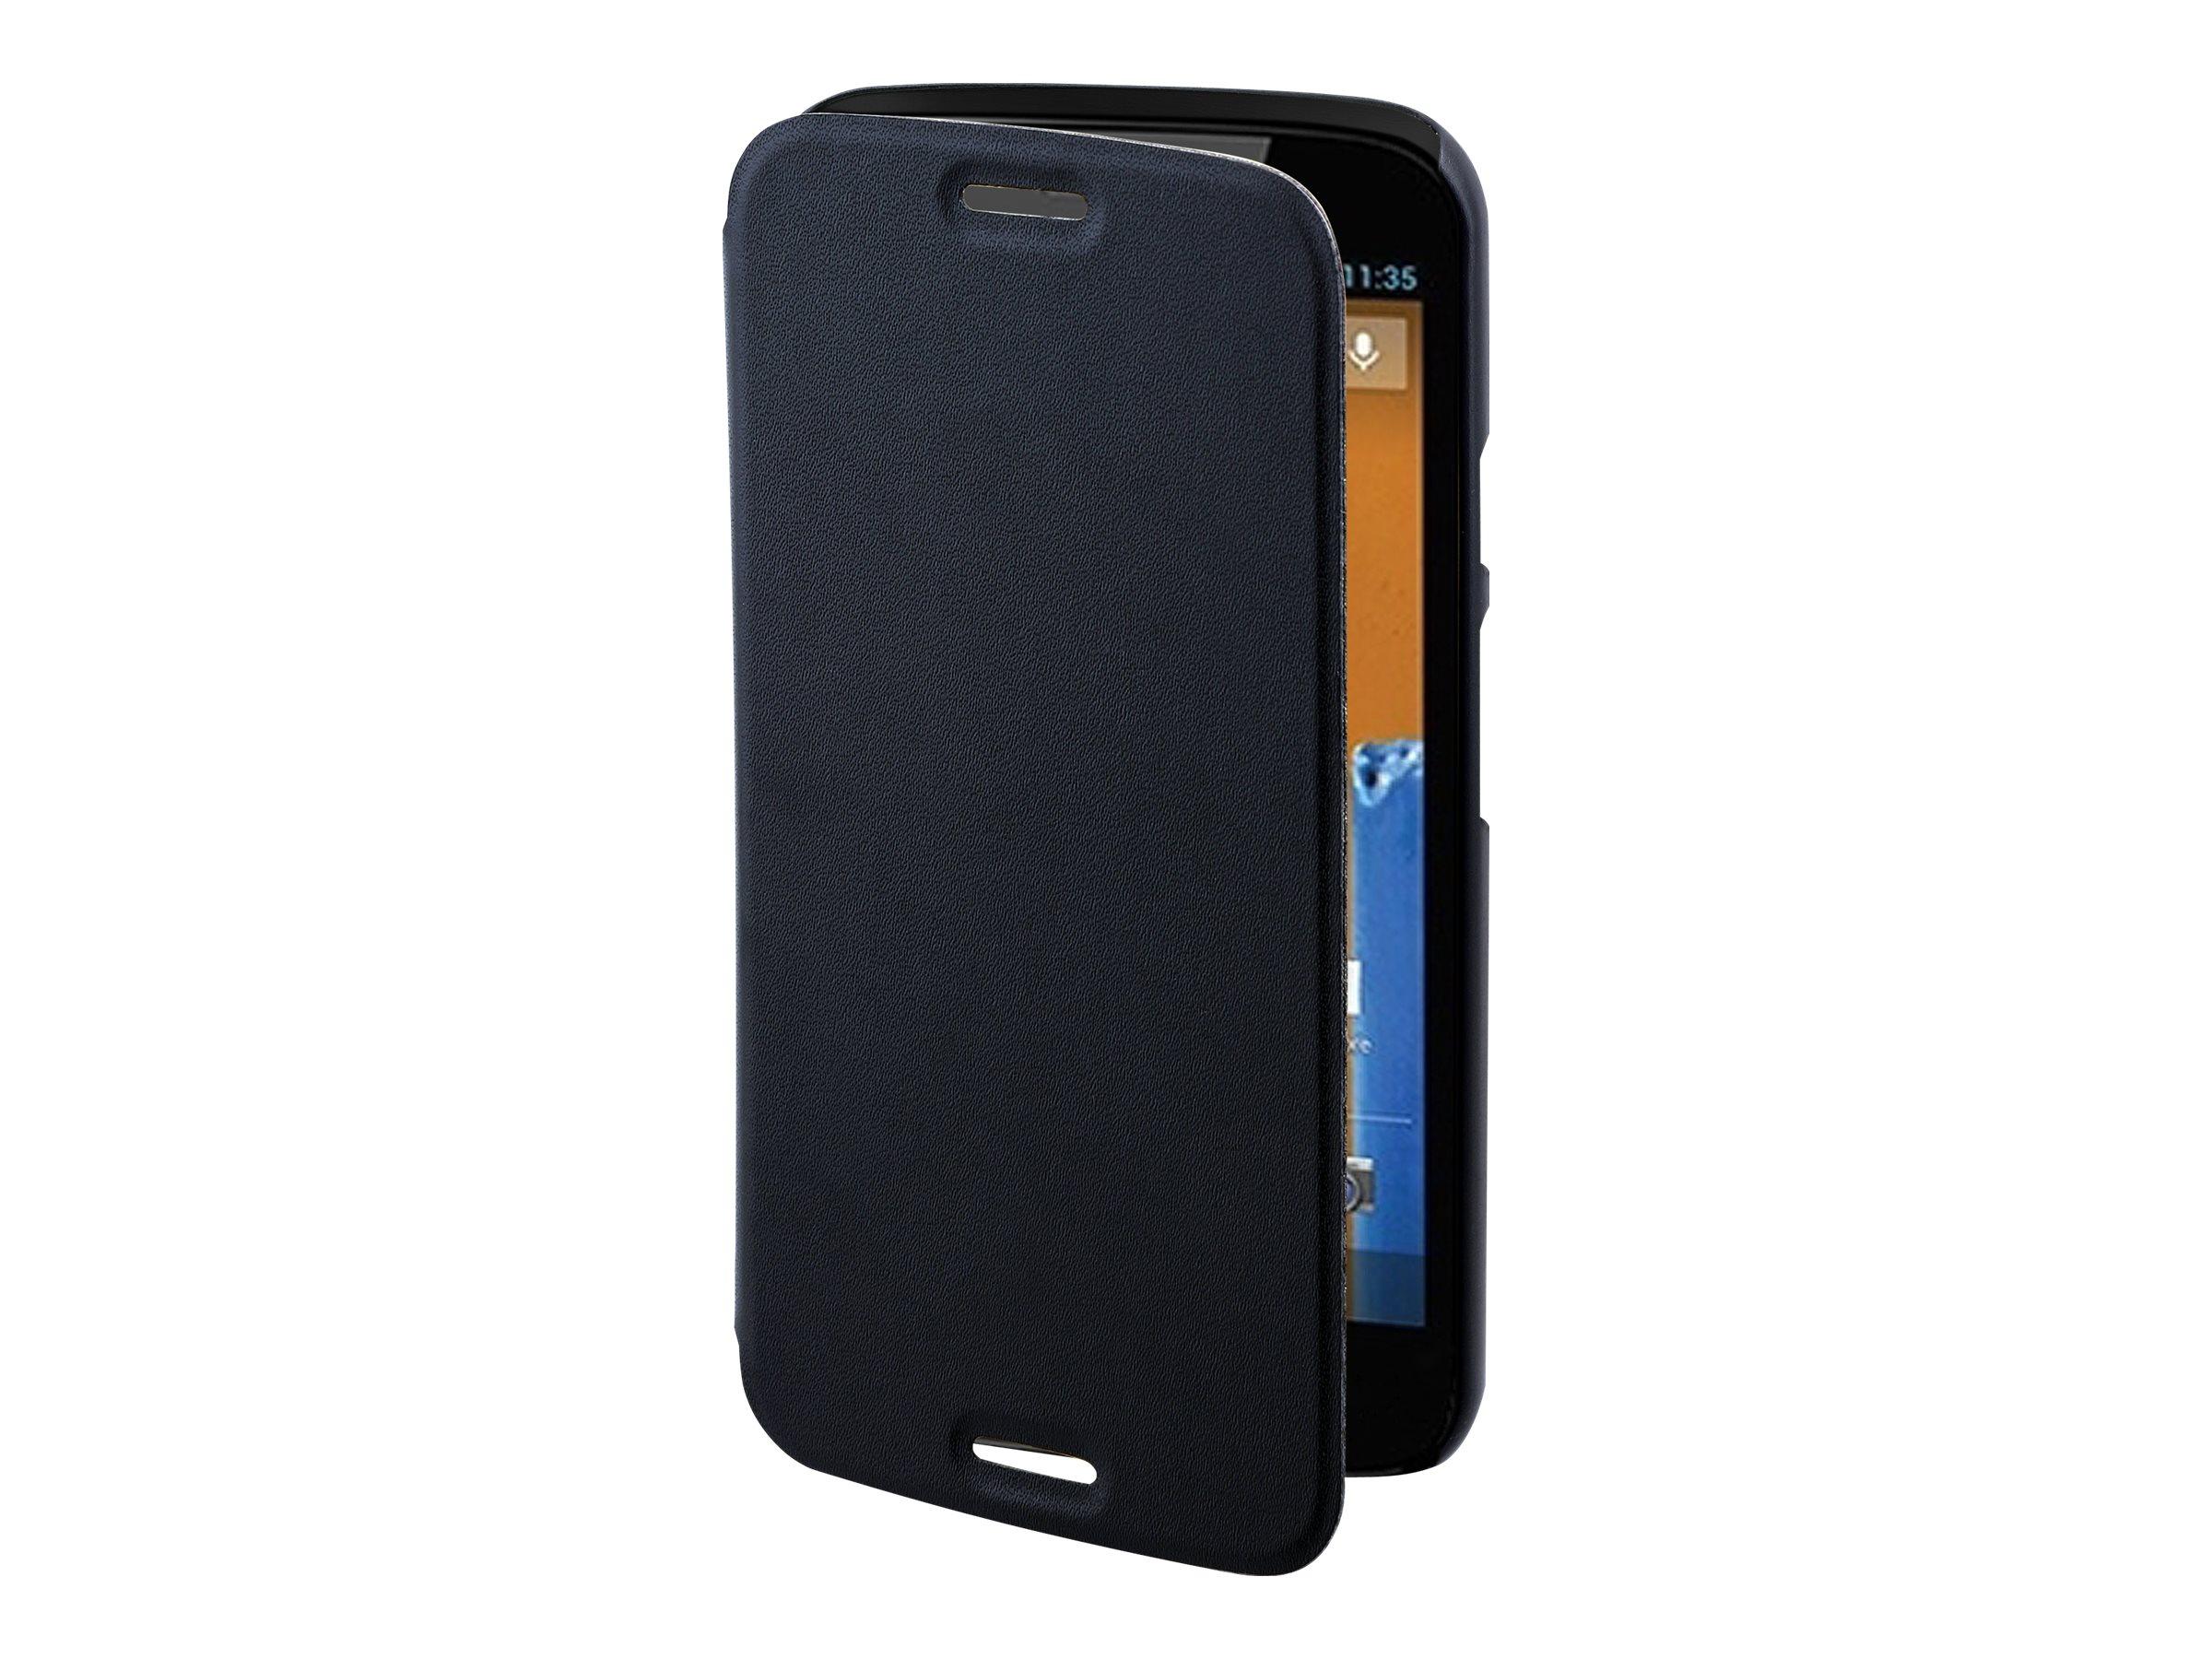 Muvit Easy Folio - Protection à rabat pour Motorola MOTO G (2nd Gen.) - noir